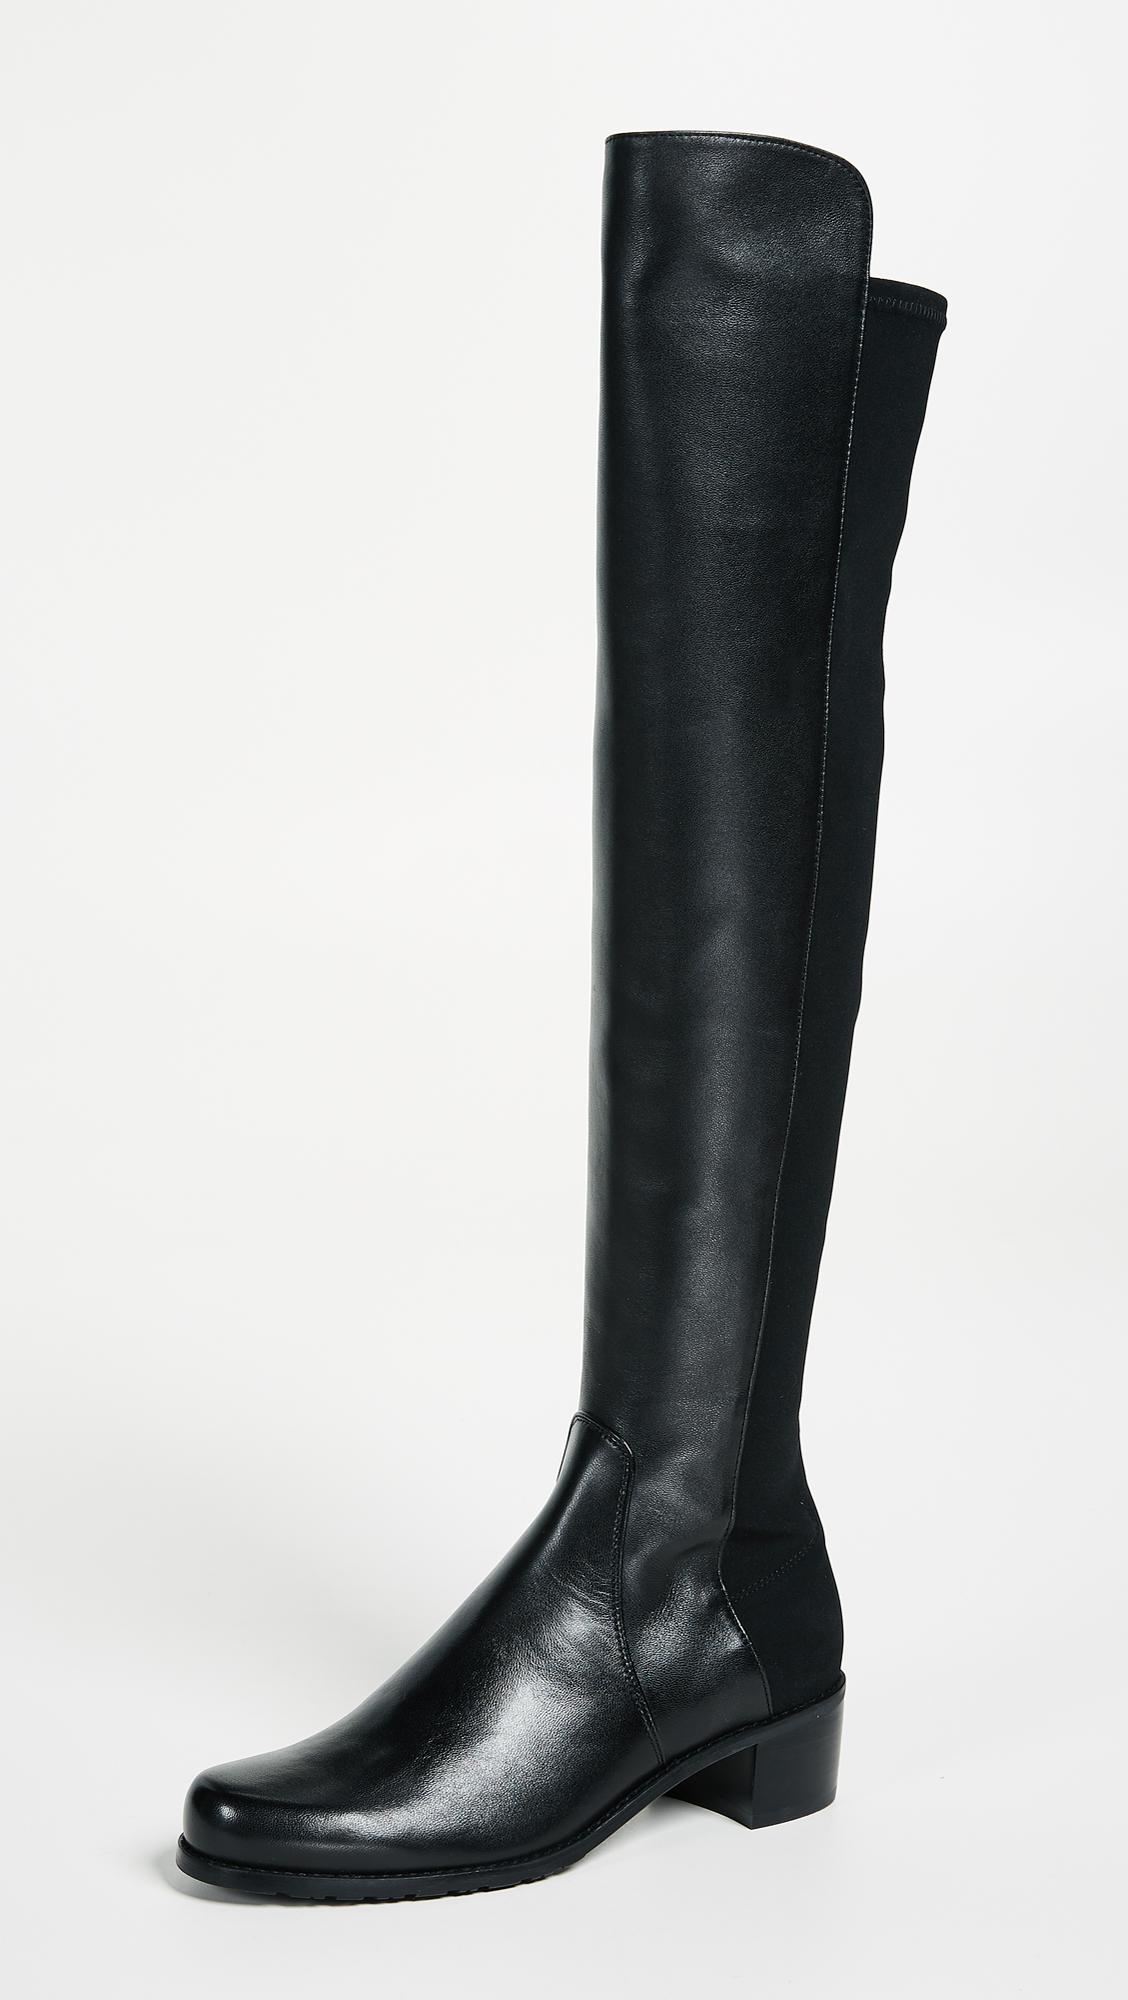 518b8b467ef Stuart Weitzman. Reserve Tall Boots